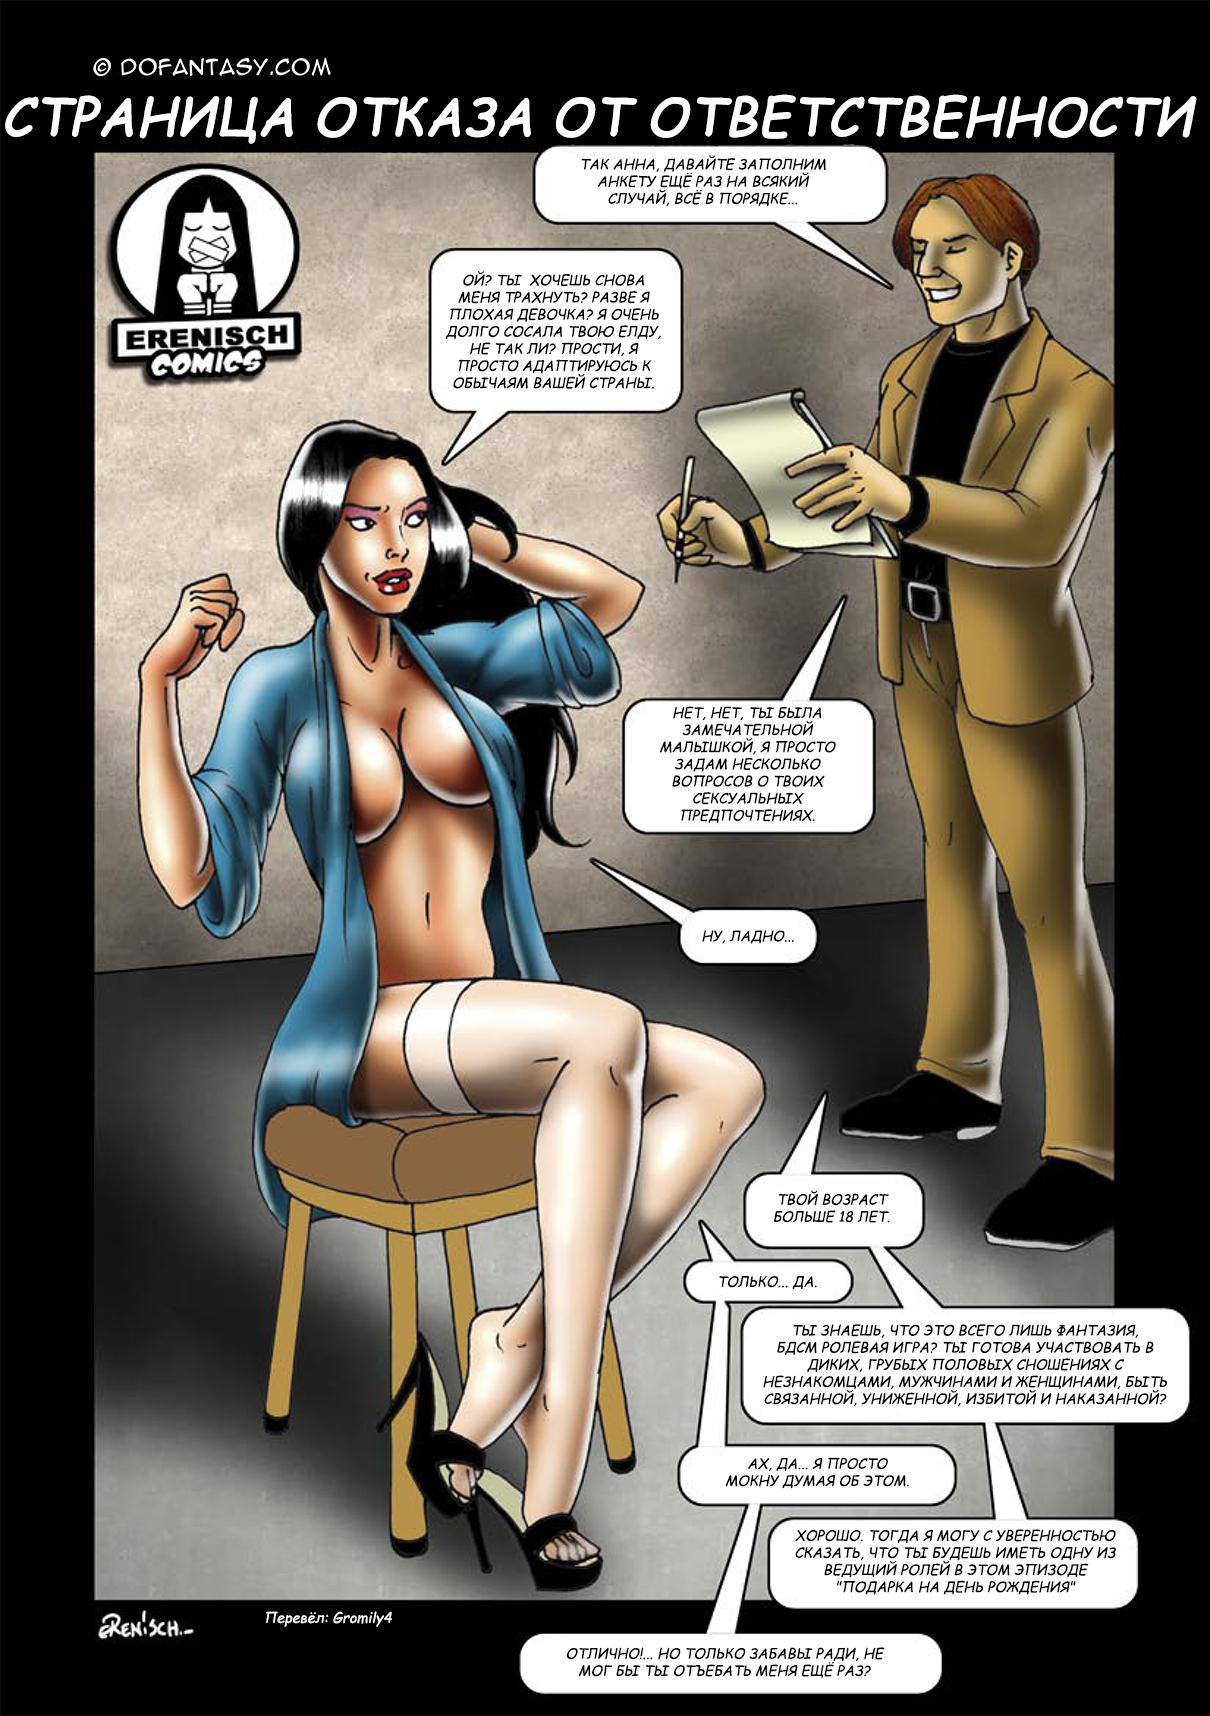 Комикс порно подарок в день рождения